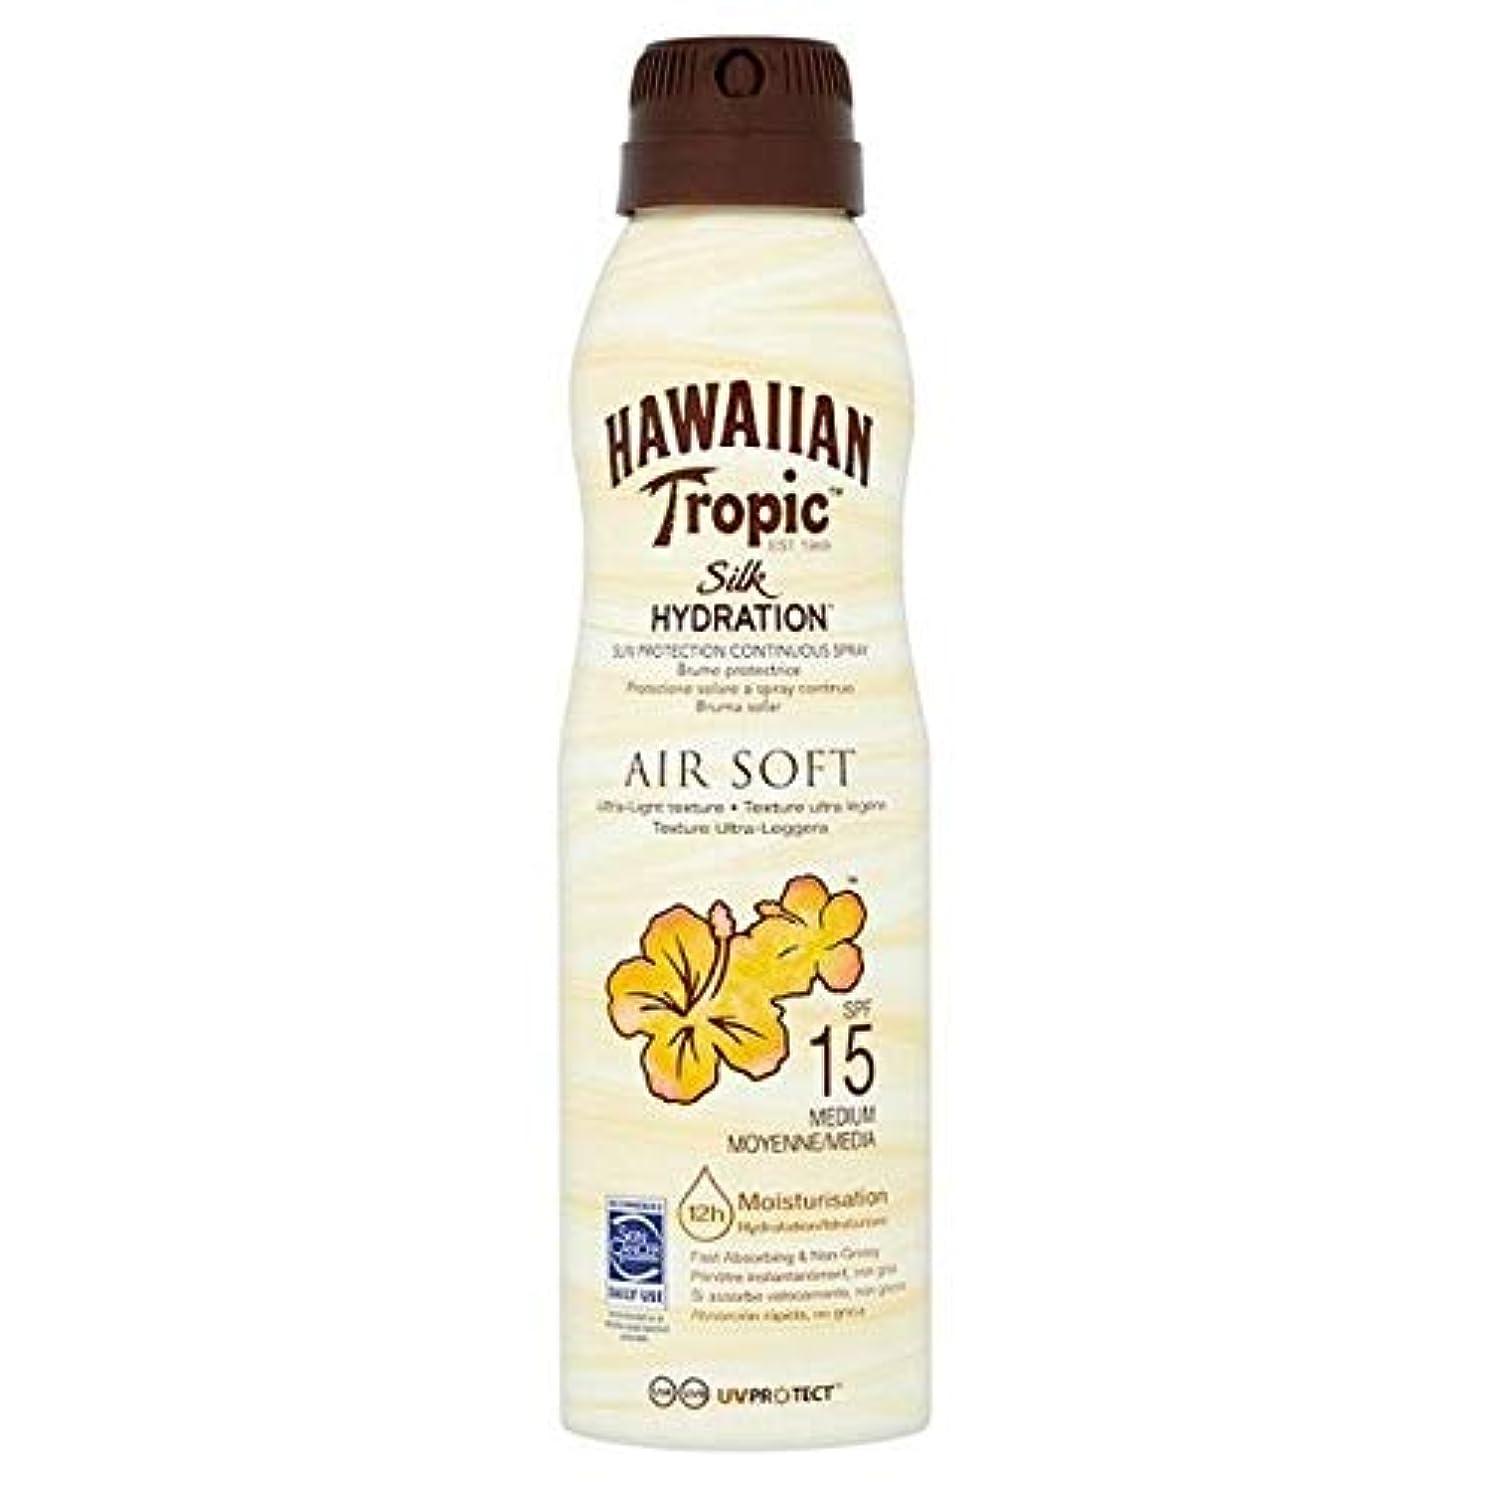 ハンカチ拡声器ぶら下がる[Hawaiian Tropic ] H /向性絹水和エアガン連続スプレーSpf15の177ミリリットル - H/Tropic Silk Hydration Airsoft Continuous Spray SPF15...